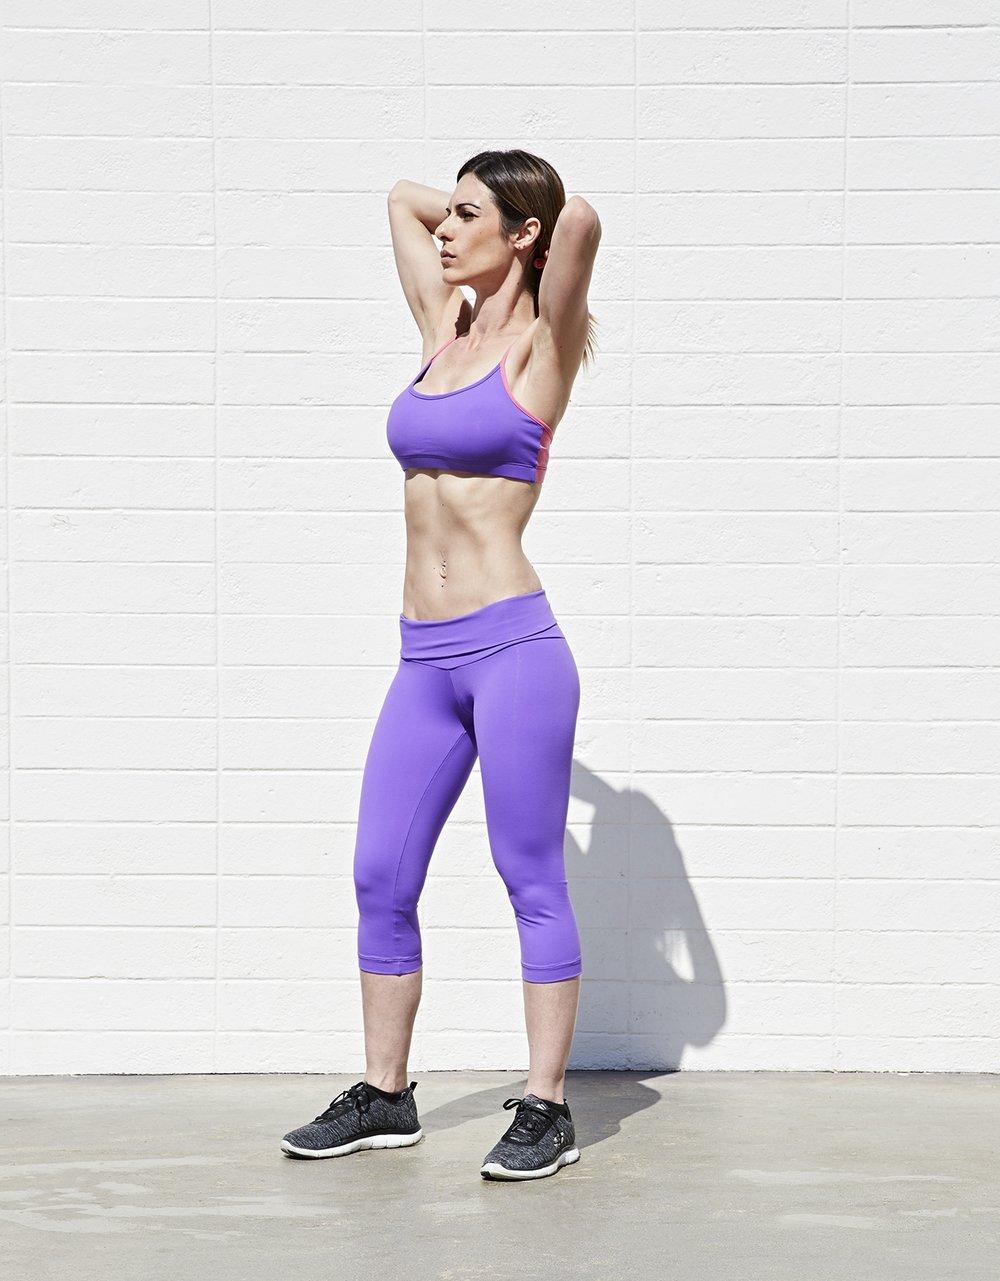 1183_VanesaHansen_Fitness_180226.jpg